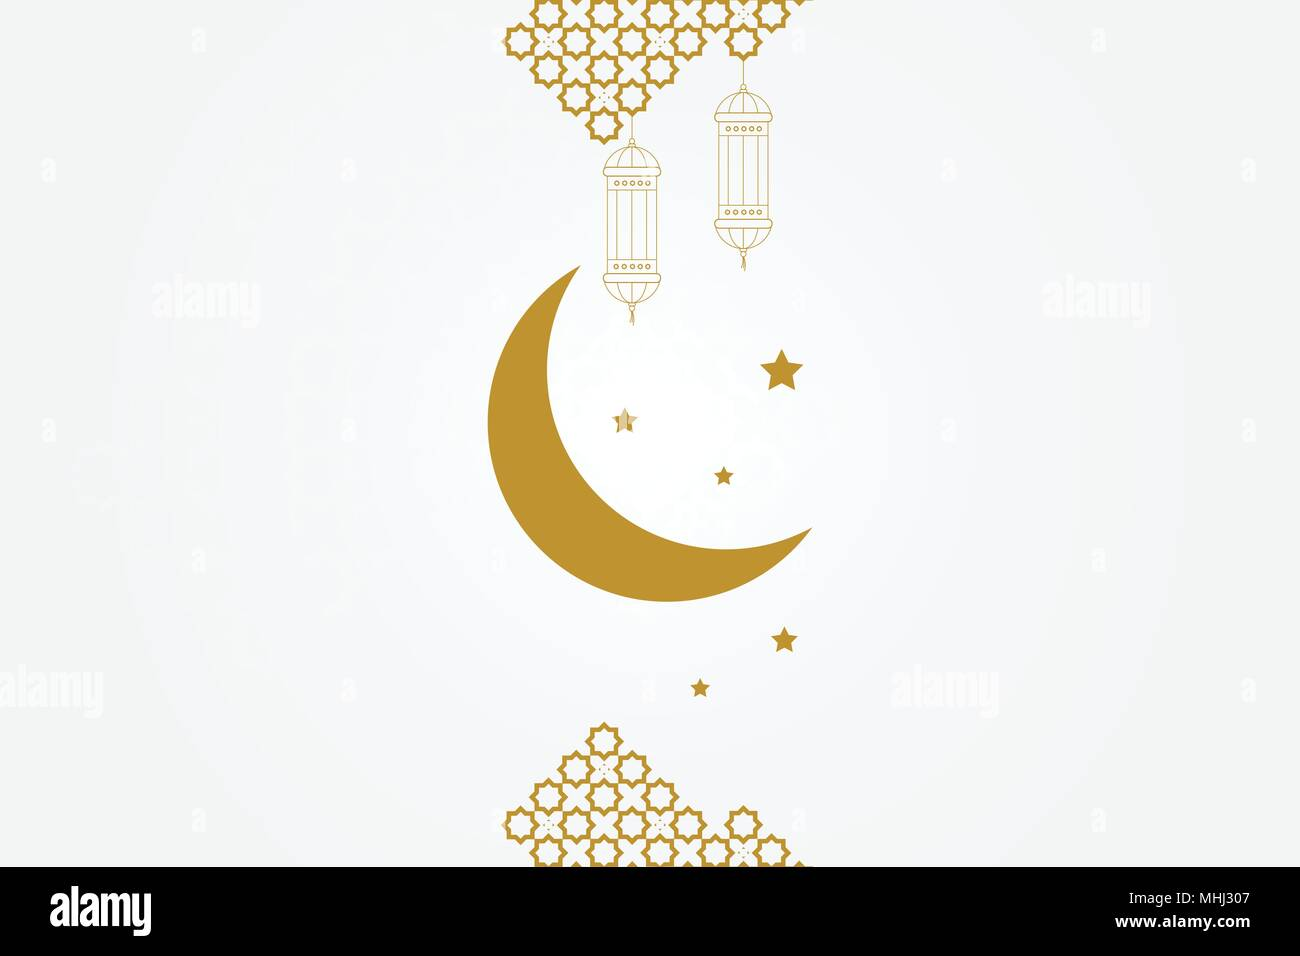 Crescent Moon Lamp. Crescent Moon Lamp With Crescent Moon